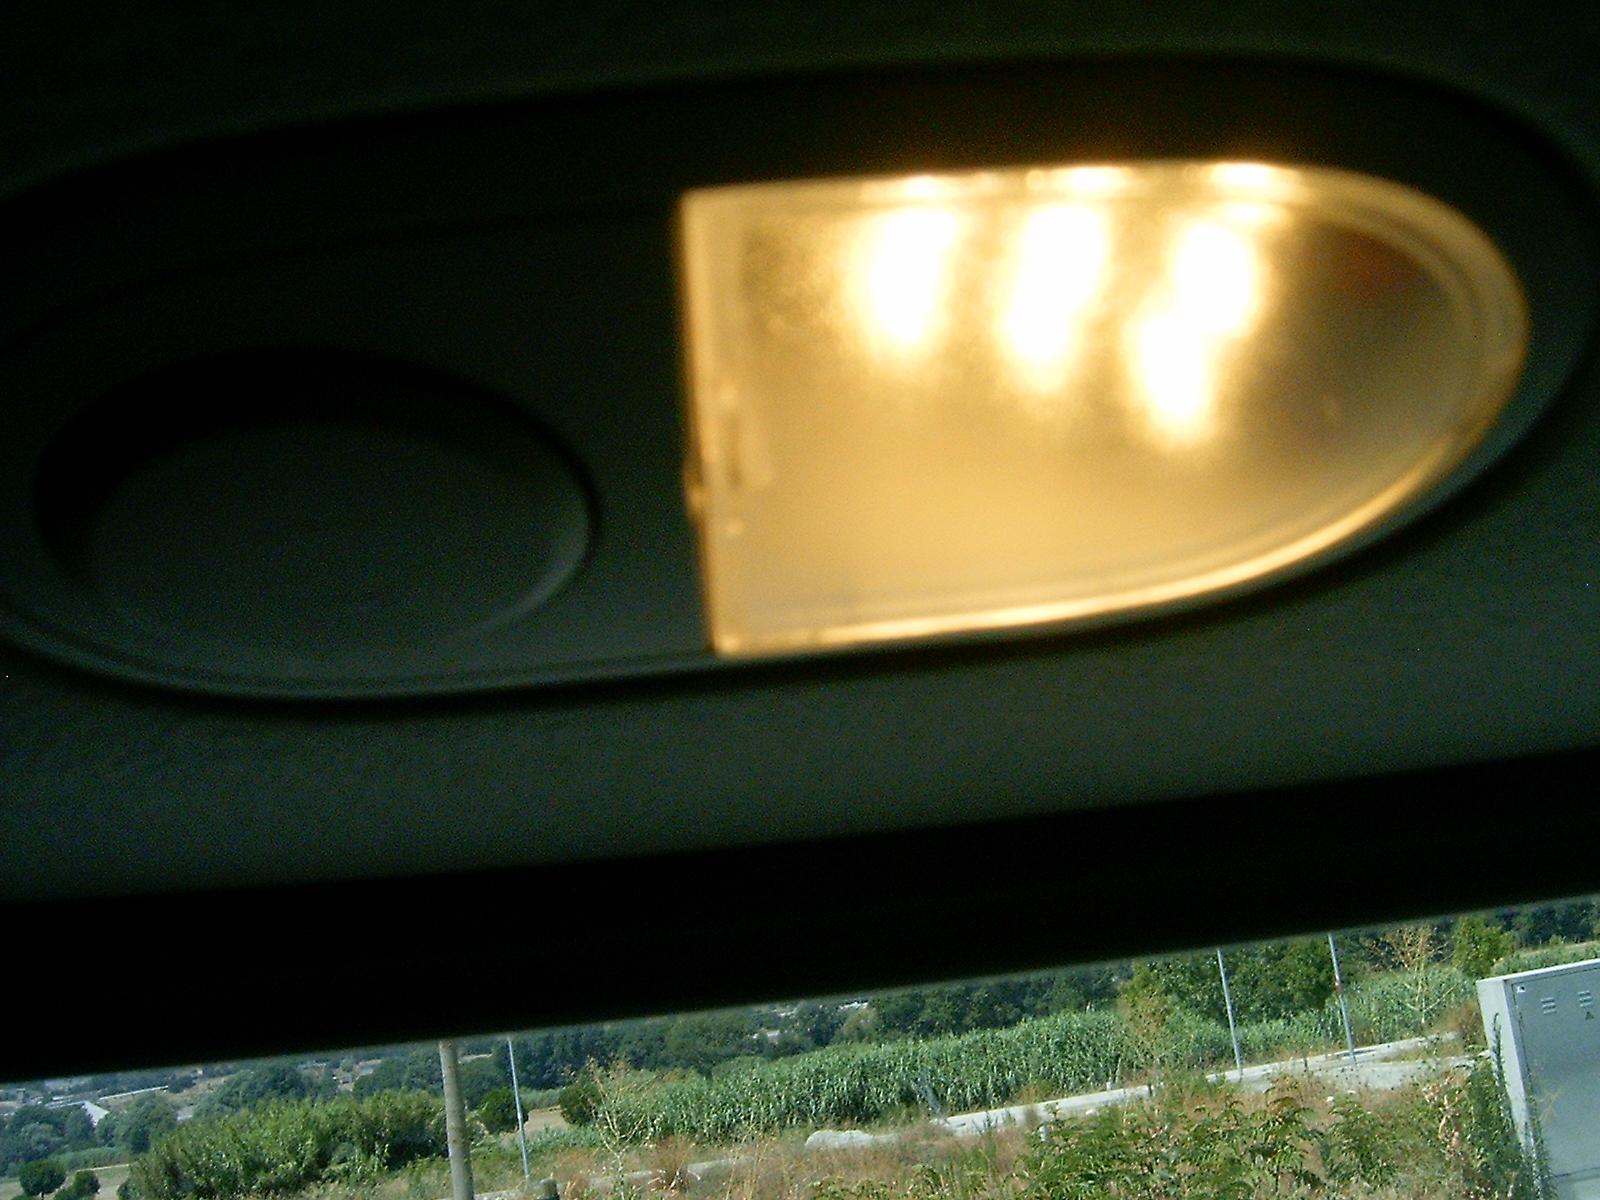 Iluminacion led interior - Iluminacion interior led ...